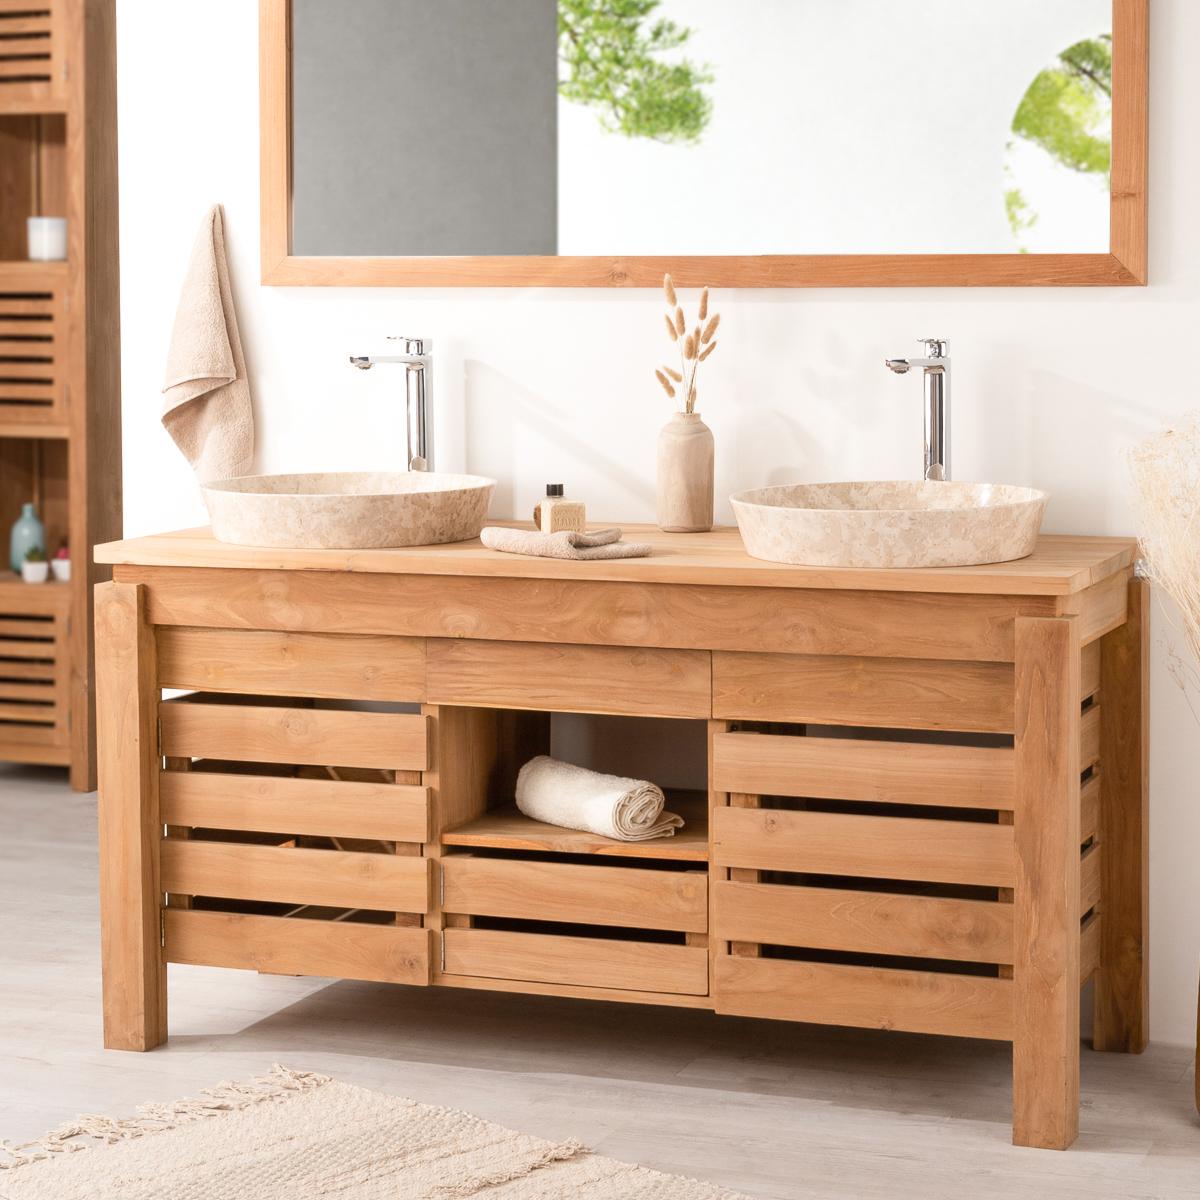 dimension meuble double vasque meuble vasque bois avec tiroirs longueur cm fairway with. Black Bedroom Furniture Sets. Home Design Ideas